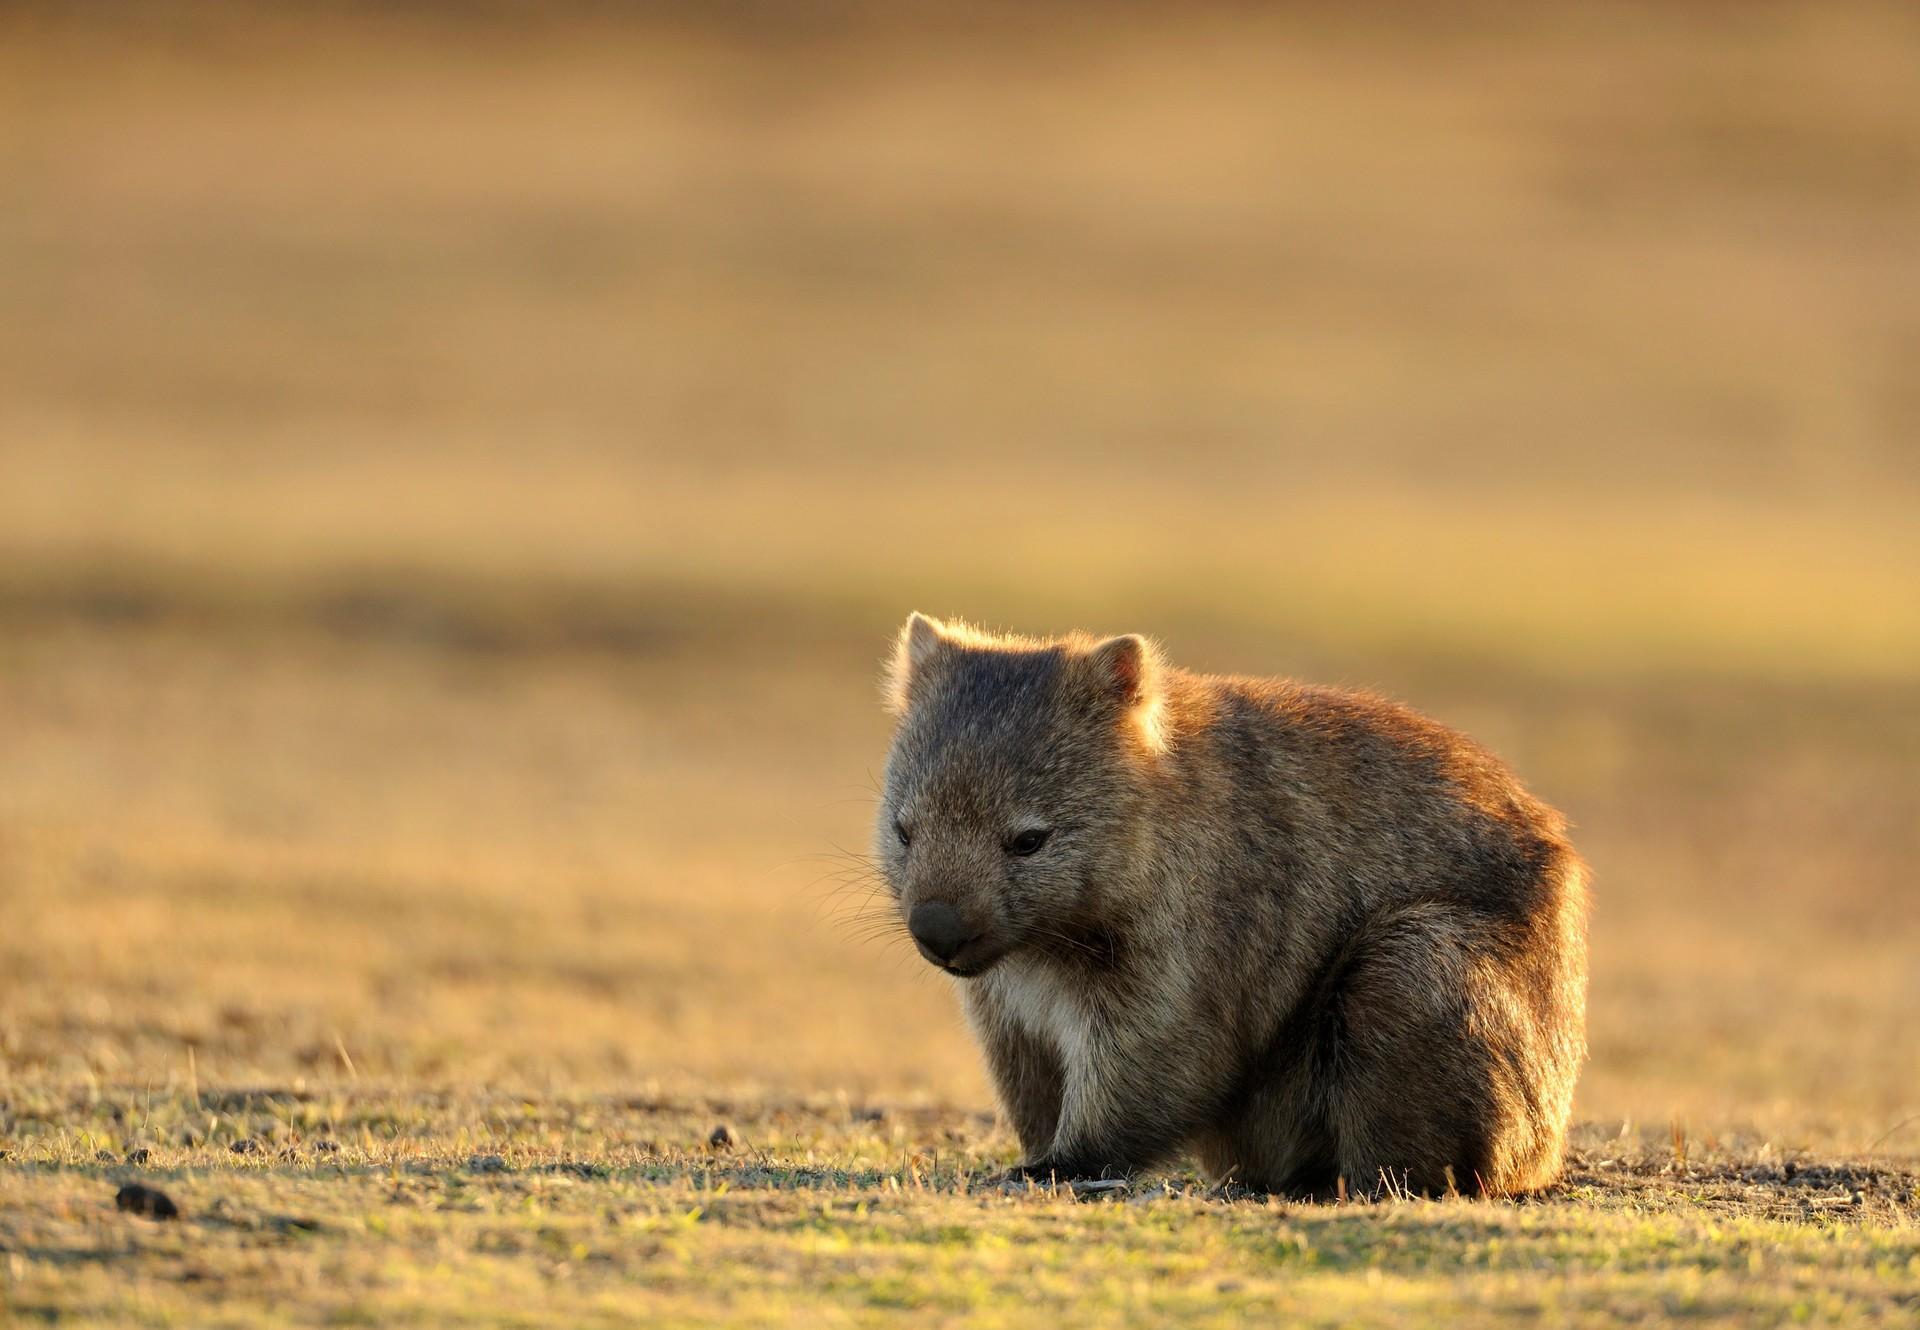 Wombat in Australia bushfires